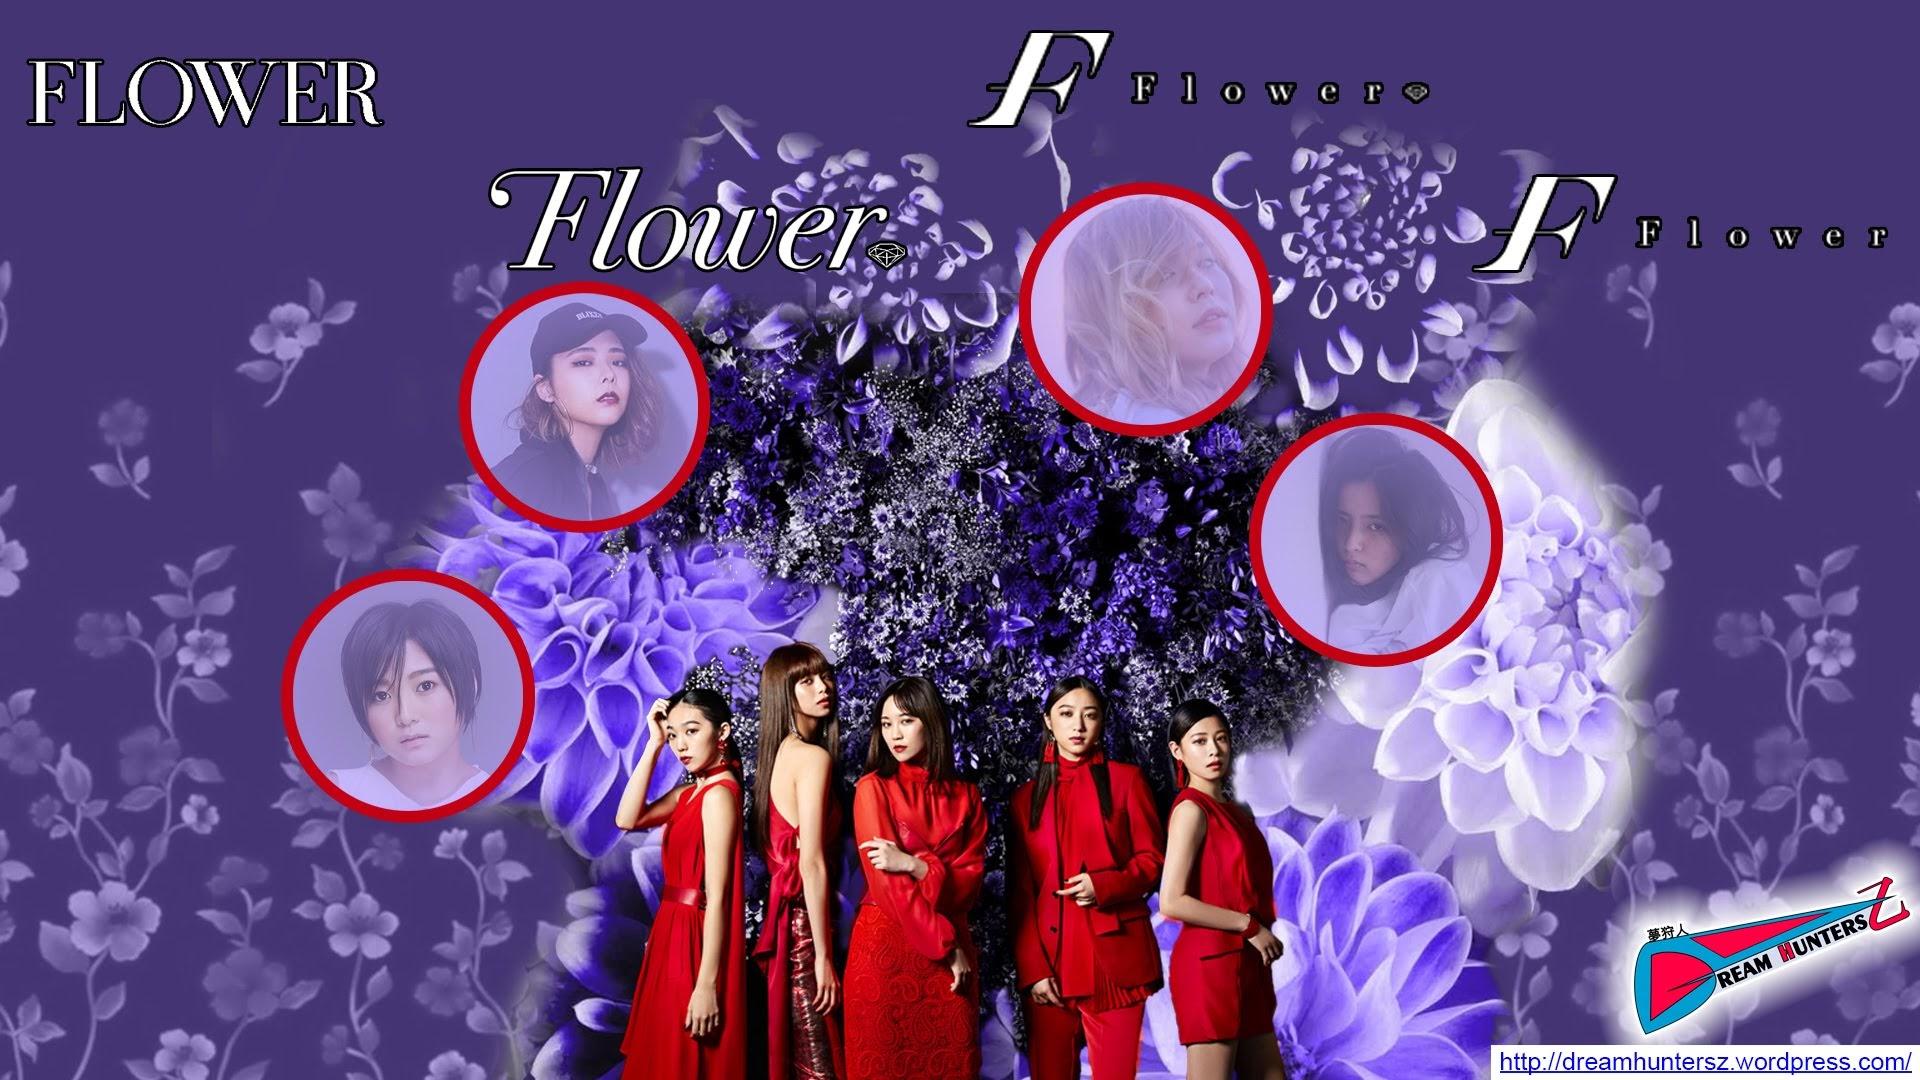 Flower - Montagem feita por mim.